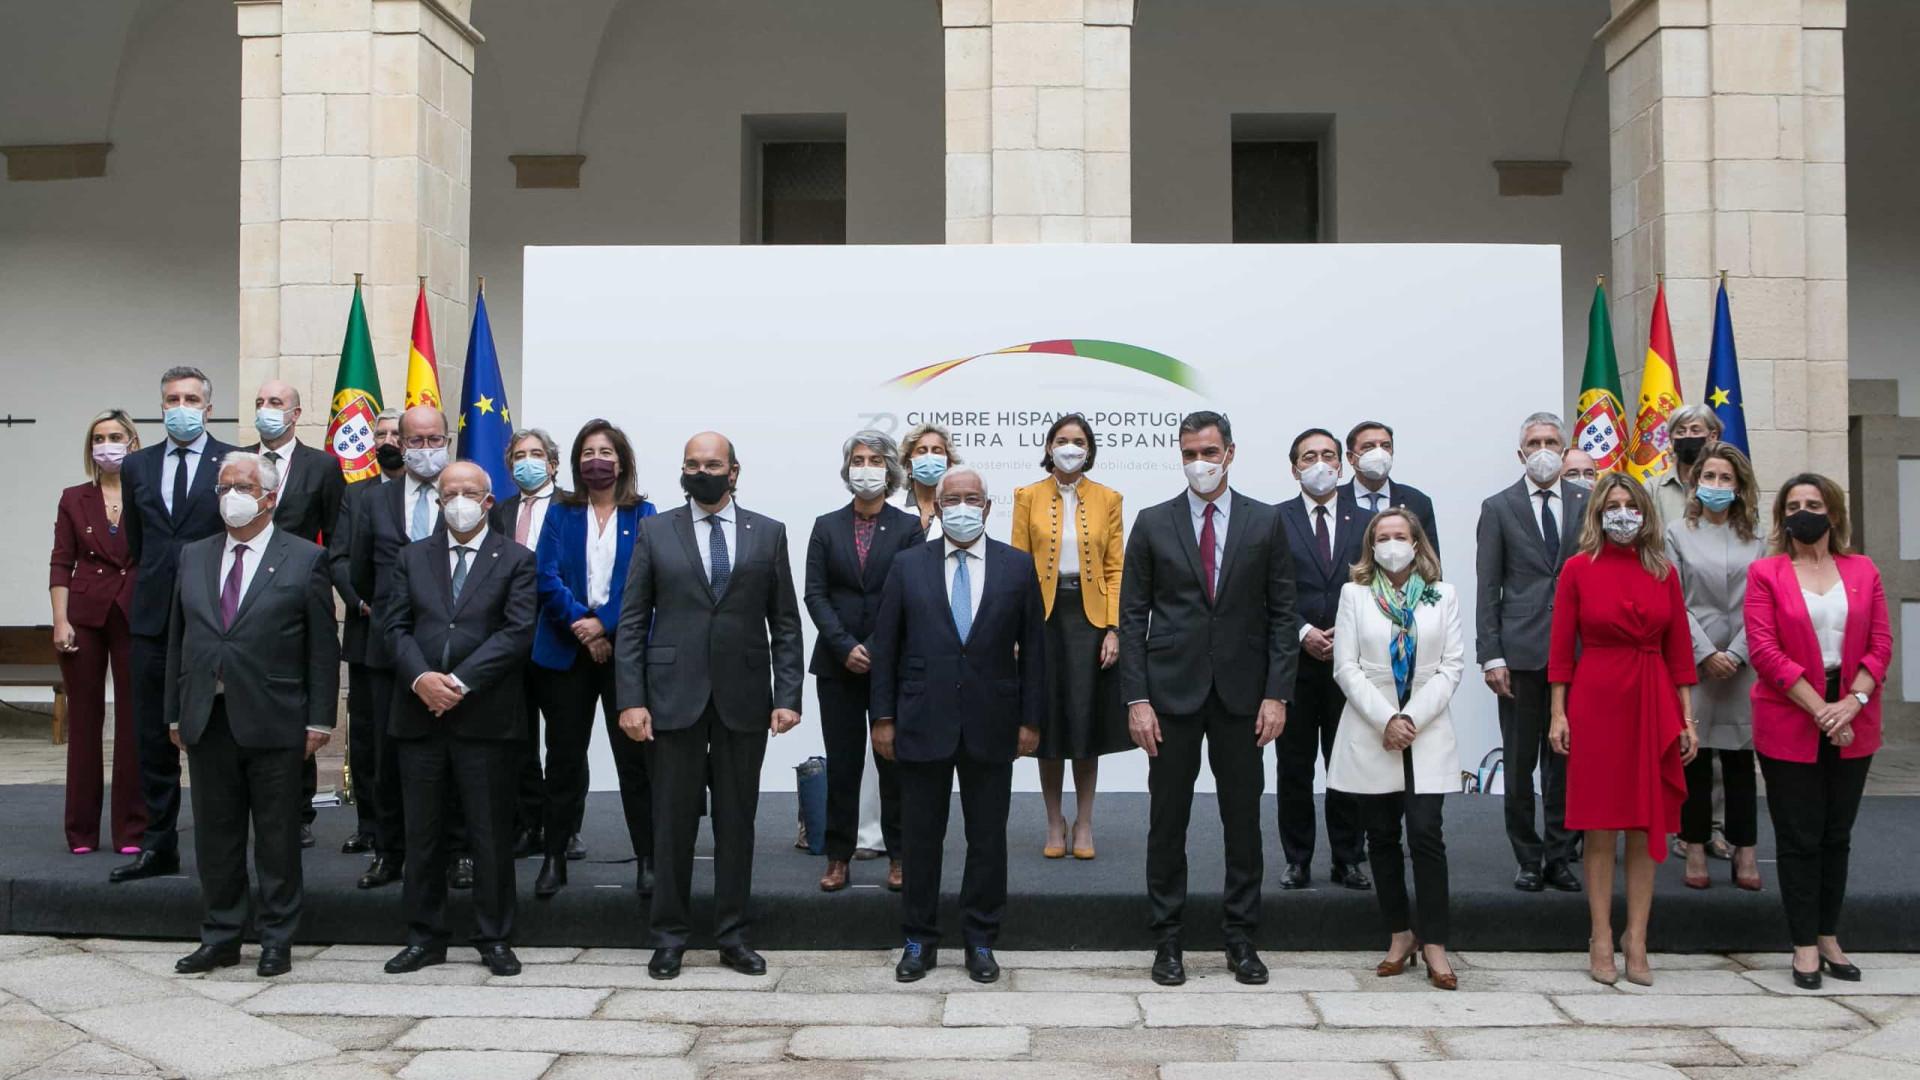 Portugal expressa solidariedade a Espanha pela situação em La Palma